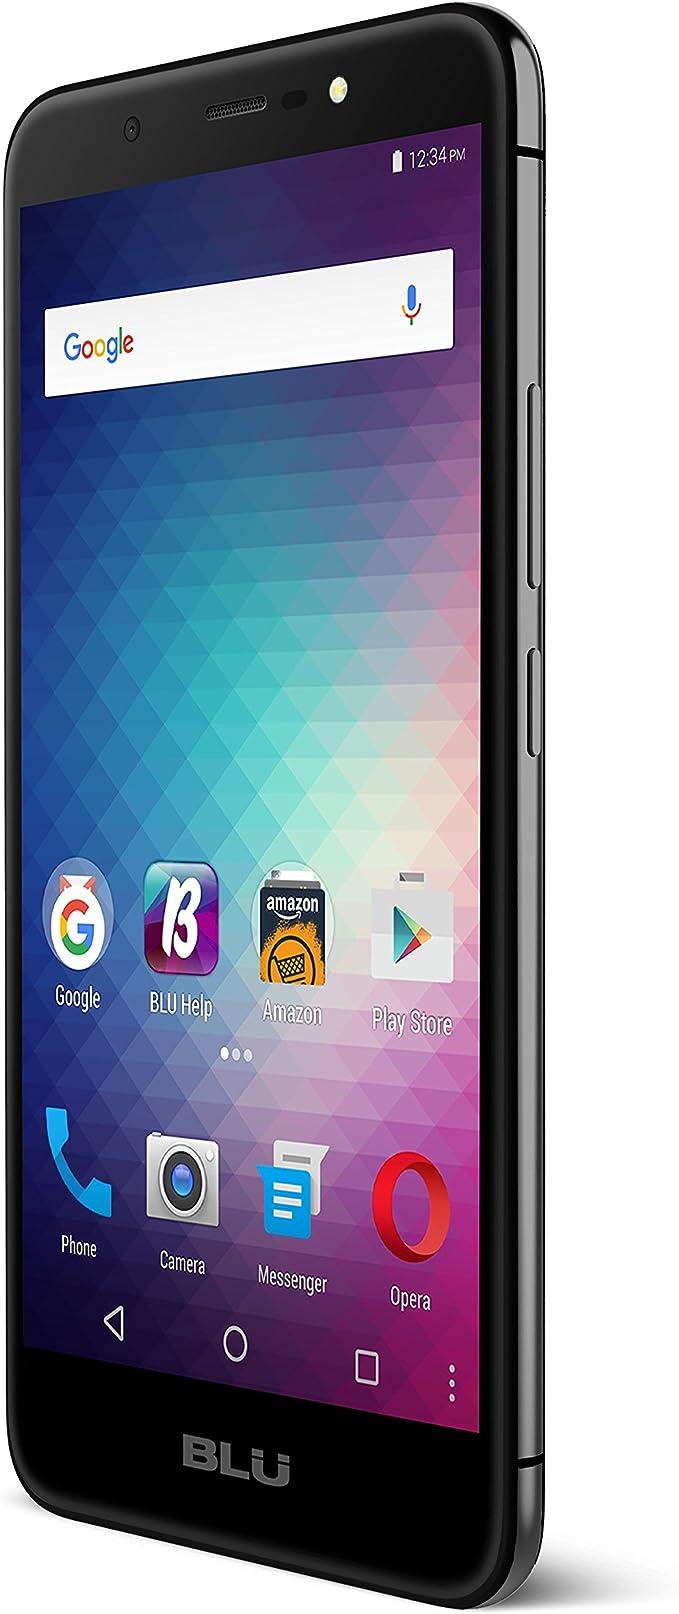 BLU Energía Plus X 2 -gsm abrió Smartphone: Amazon.es: Electrónica